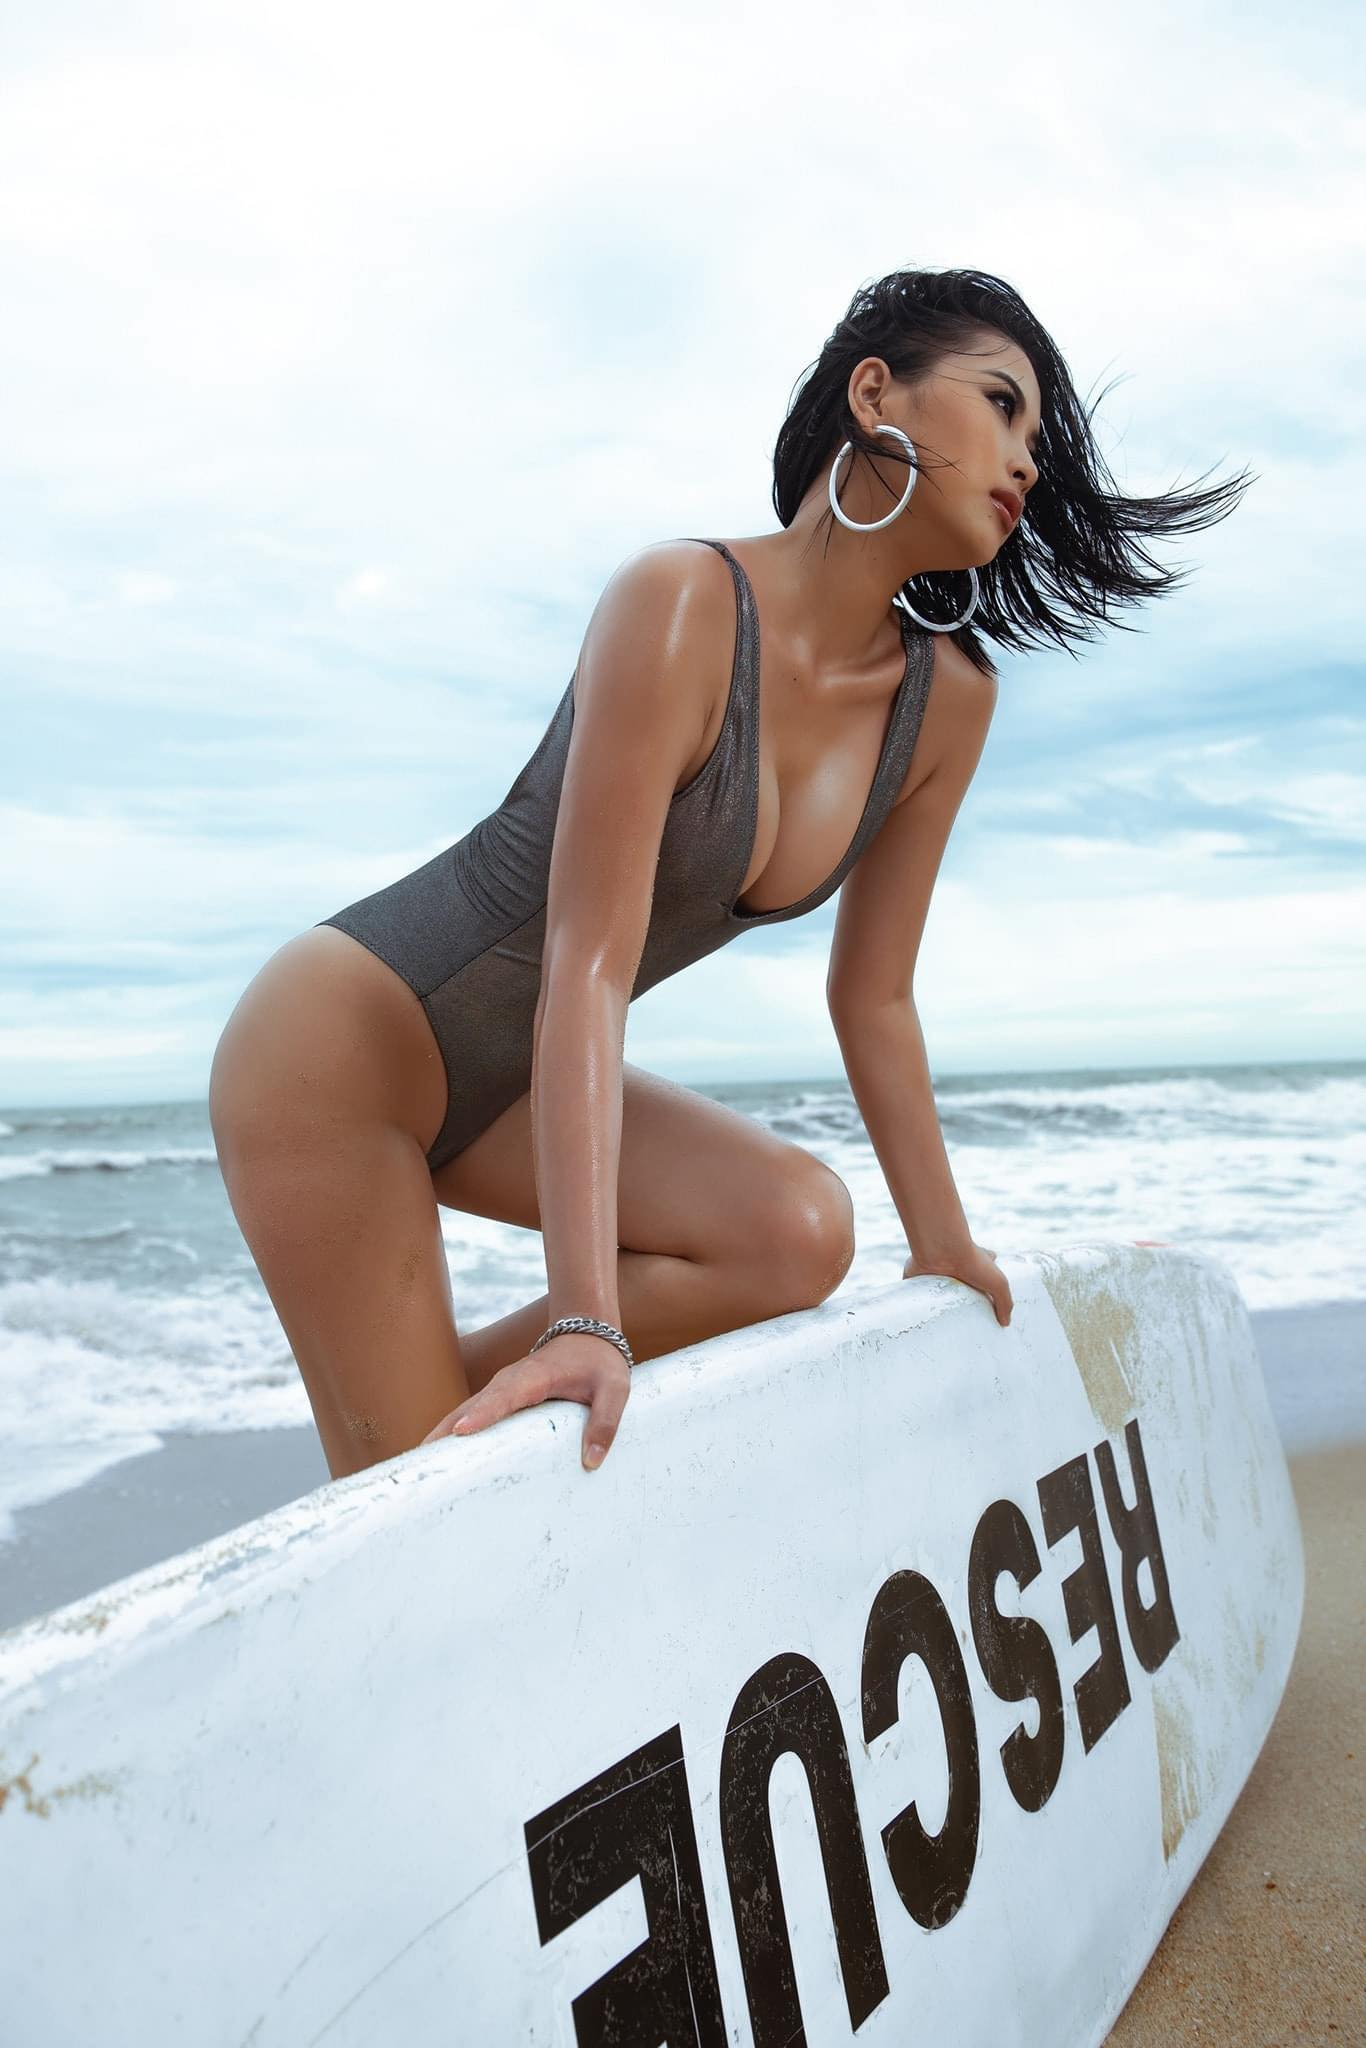 Người đẹp biển xứ Nghệ giữ dáng như giữ lửa, thân hình nóng bỏng hơn nắng hè - hình ảnh 2